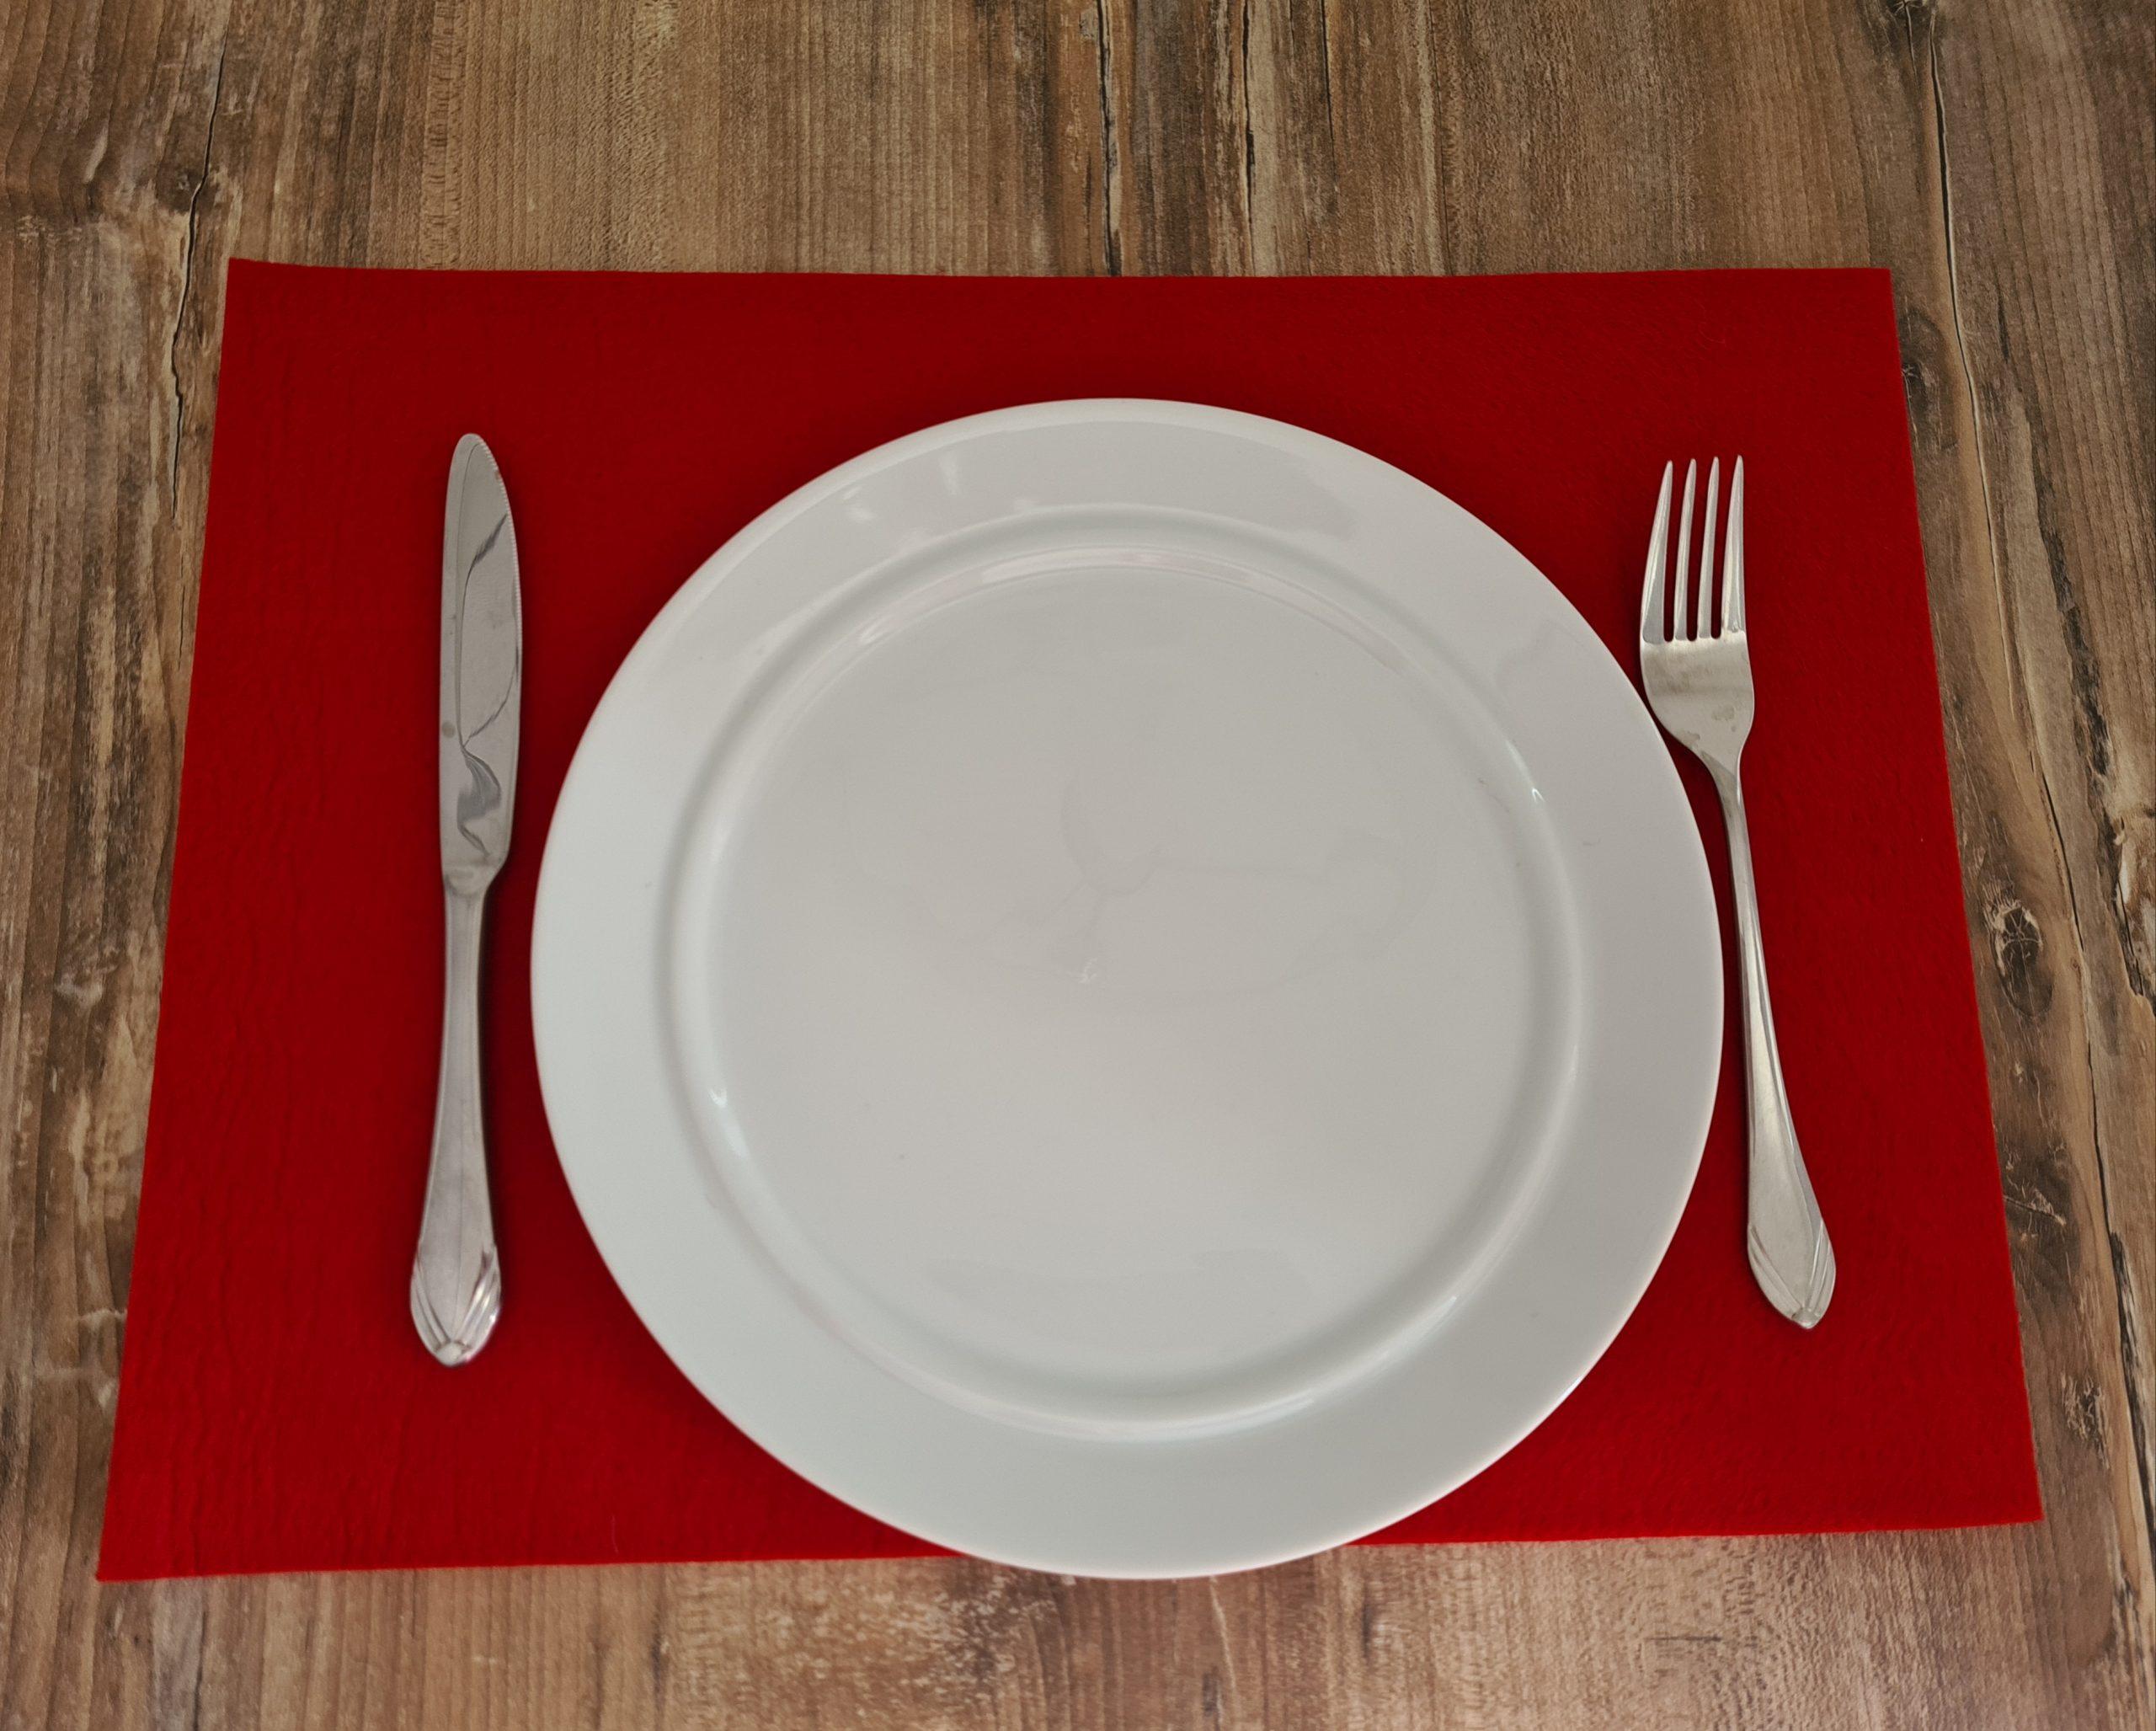 Rote Filz-Untersetzter quadratisch mit Teller und Besteck - Handgemachte individualisierbare Taschen, Körbe, Tischsets, Dekoartikel und mehr auf fideko.de der Onlineshop seit 2011